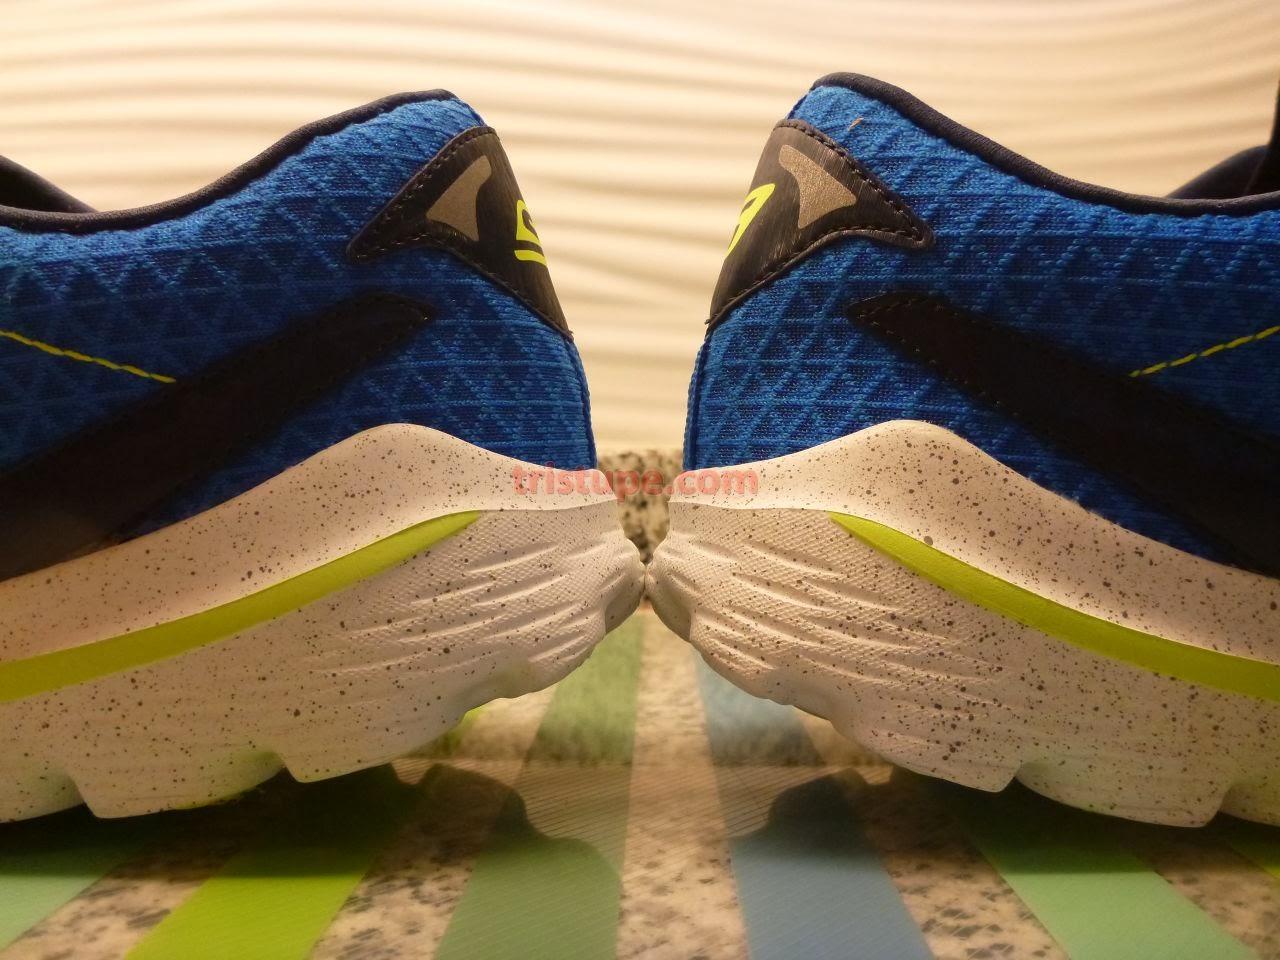 Inner Shoe Heel